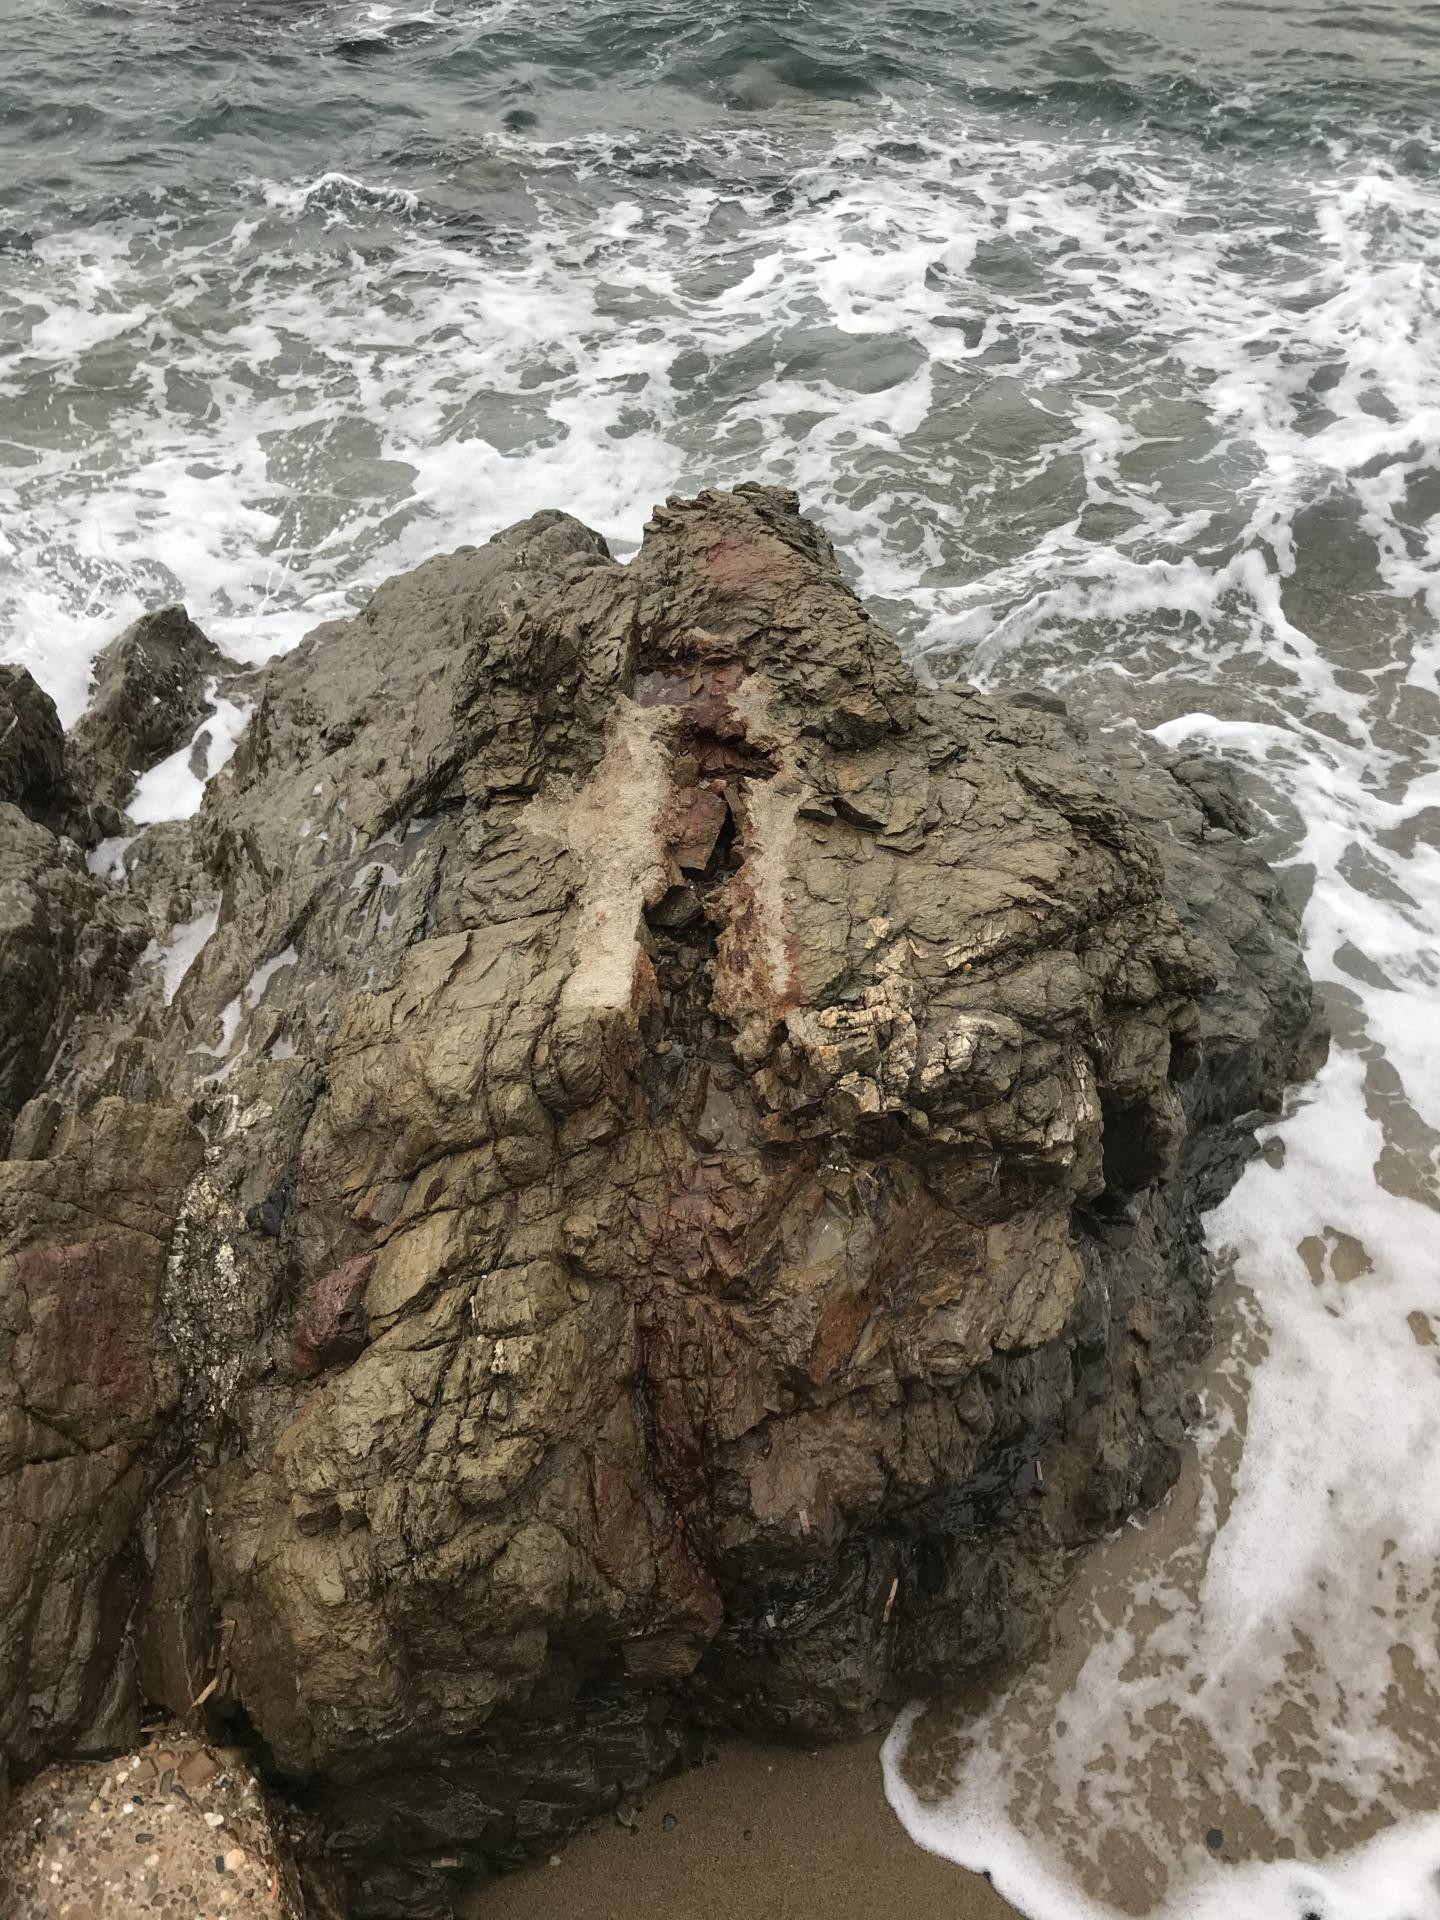 L'emplacement du canon disparu sur un éperon rocheux battu par les flots houleux.